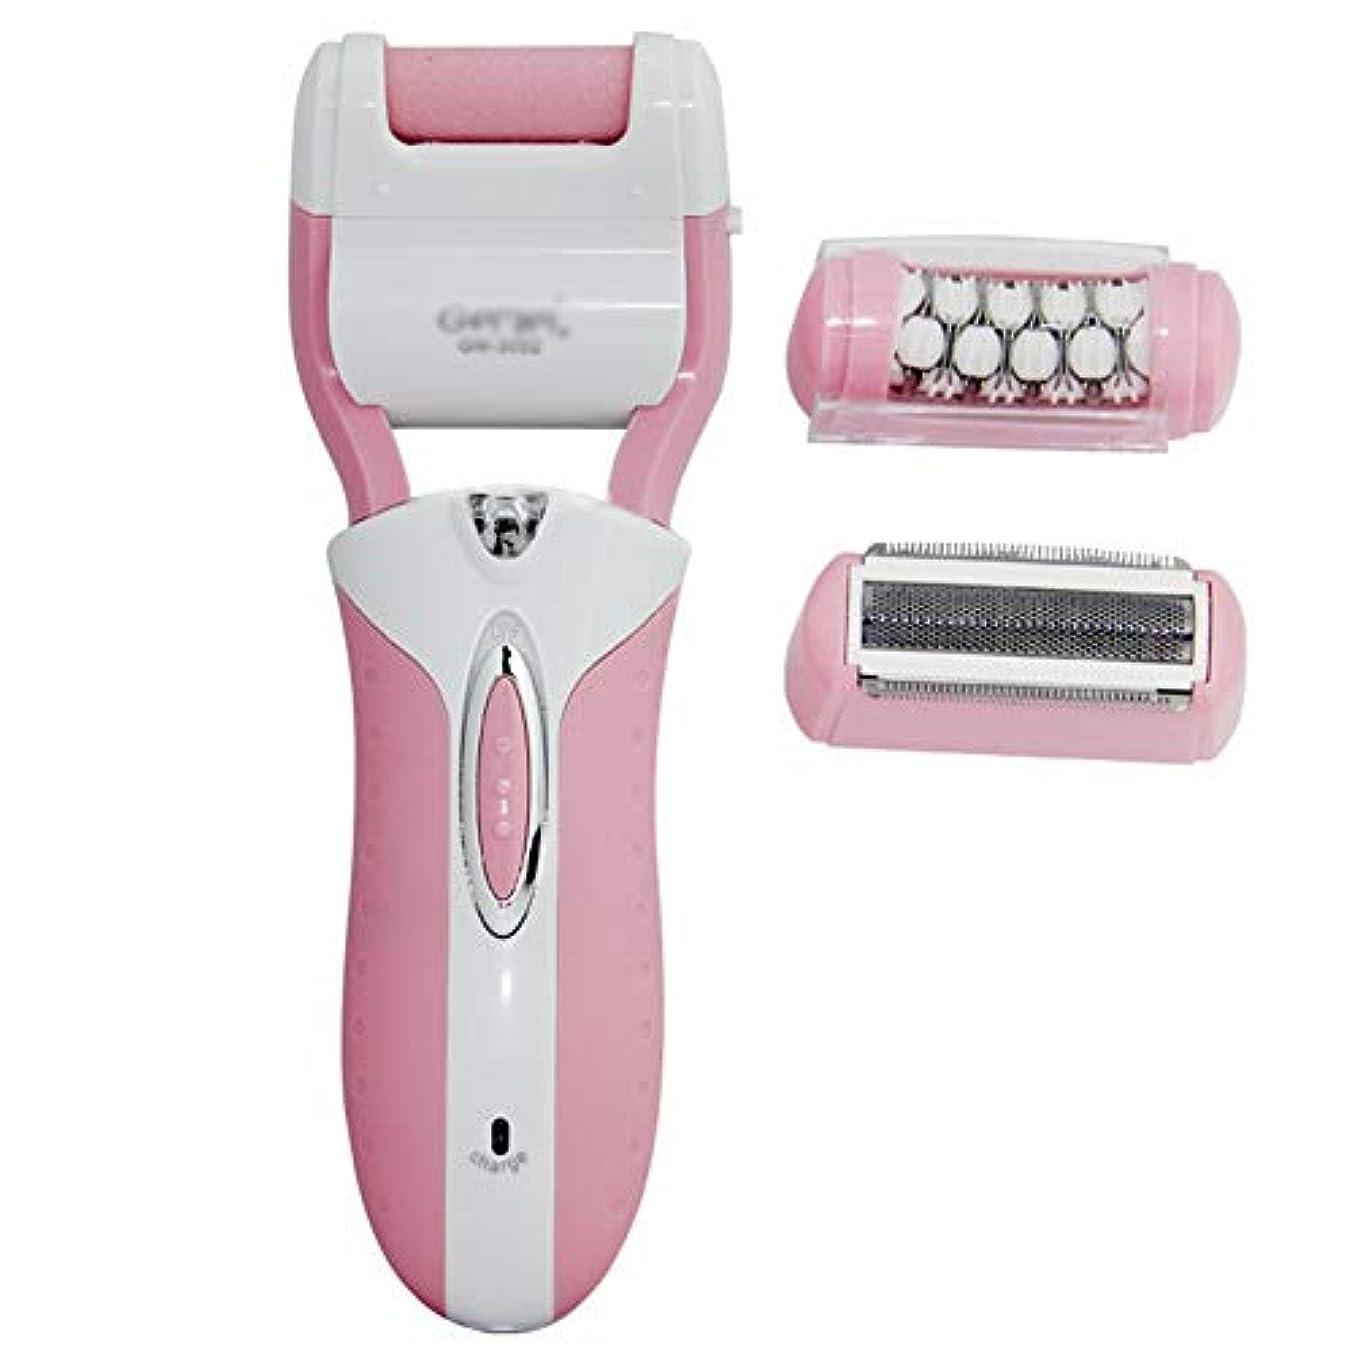 なめらかブルーム区画女性用脱毛器、電動除毛、コードレス、ウェット&ドライ。充電式防水電気シェーバーインスタントヘアトリマーリムーバー,Pink